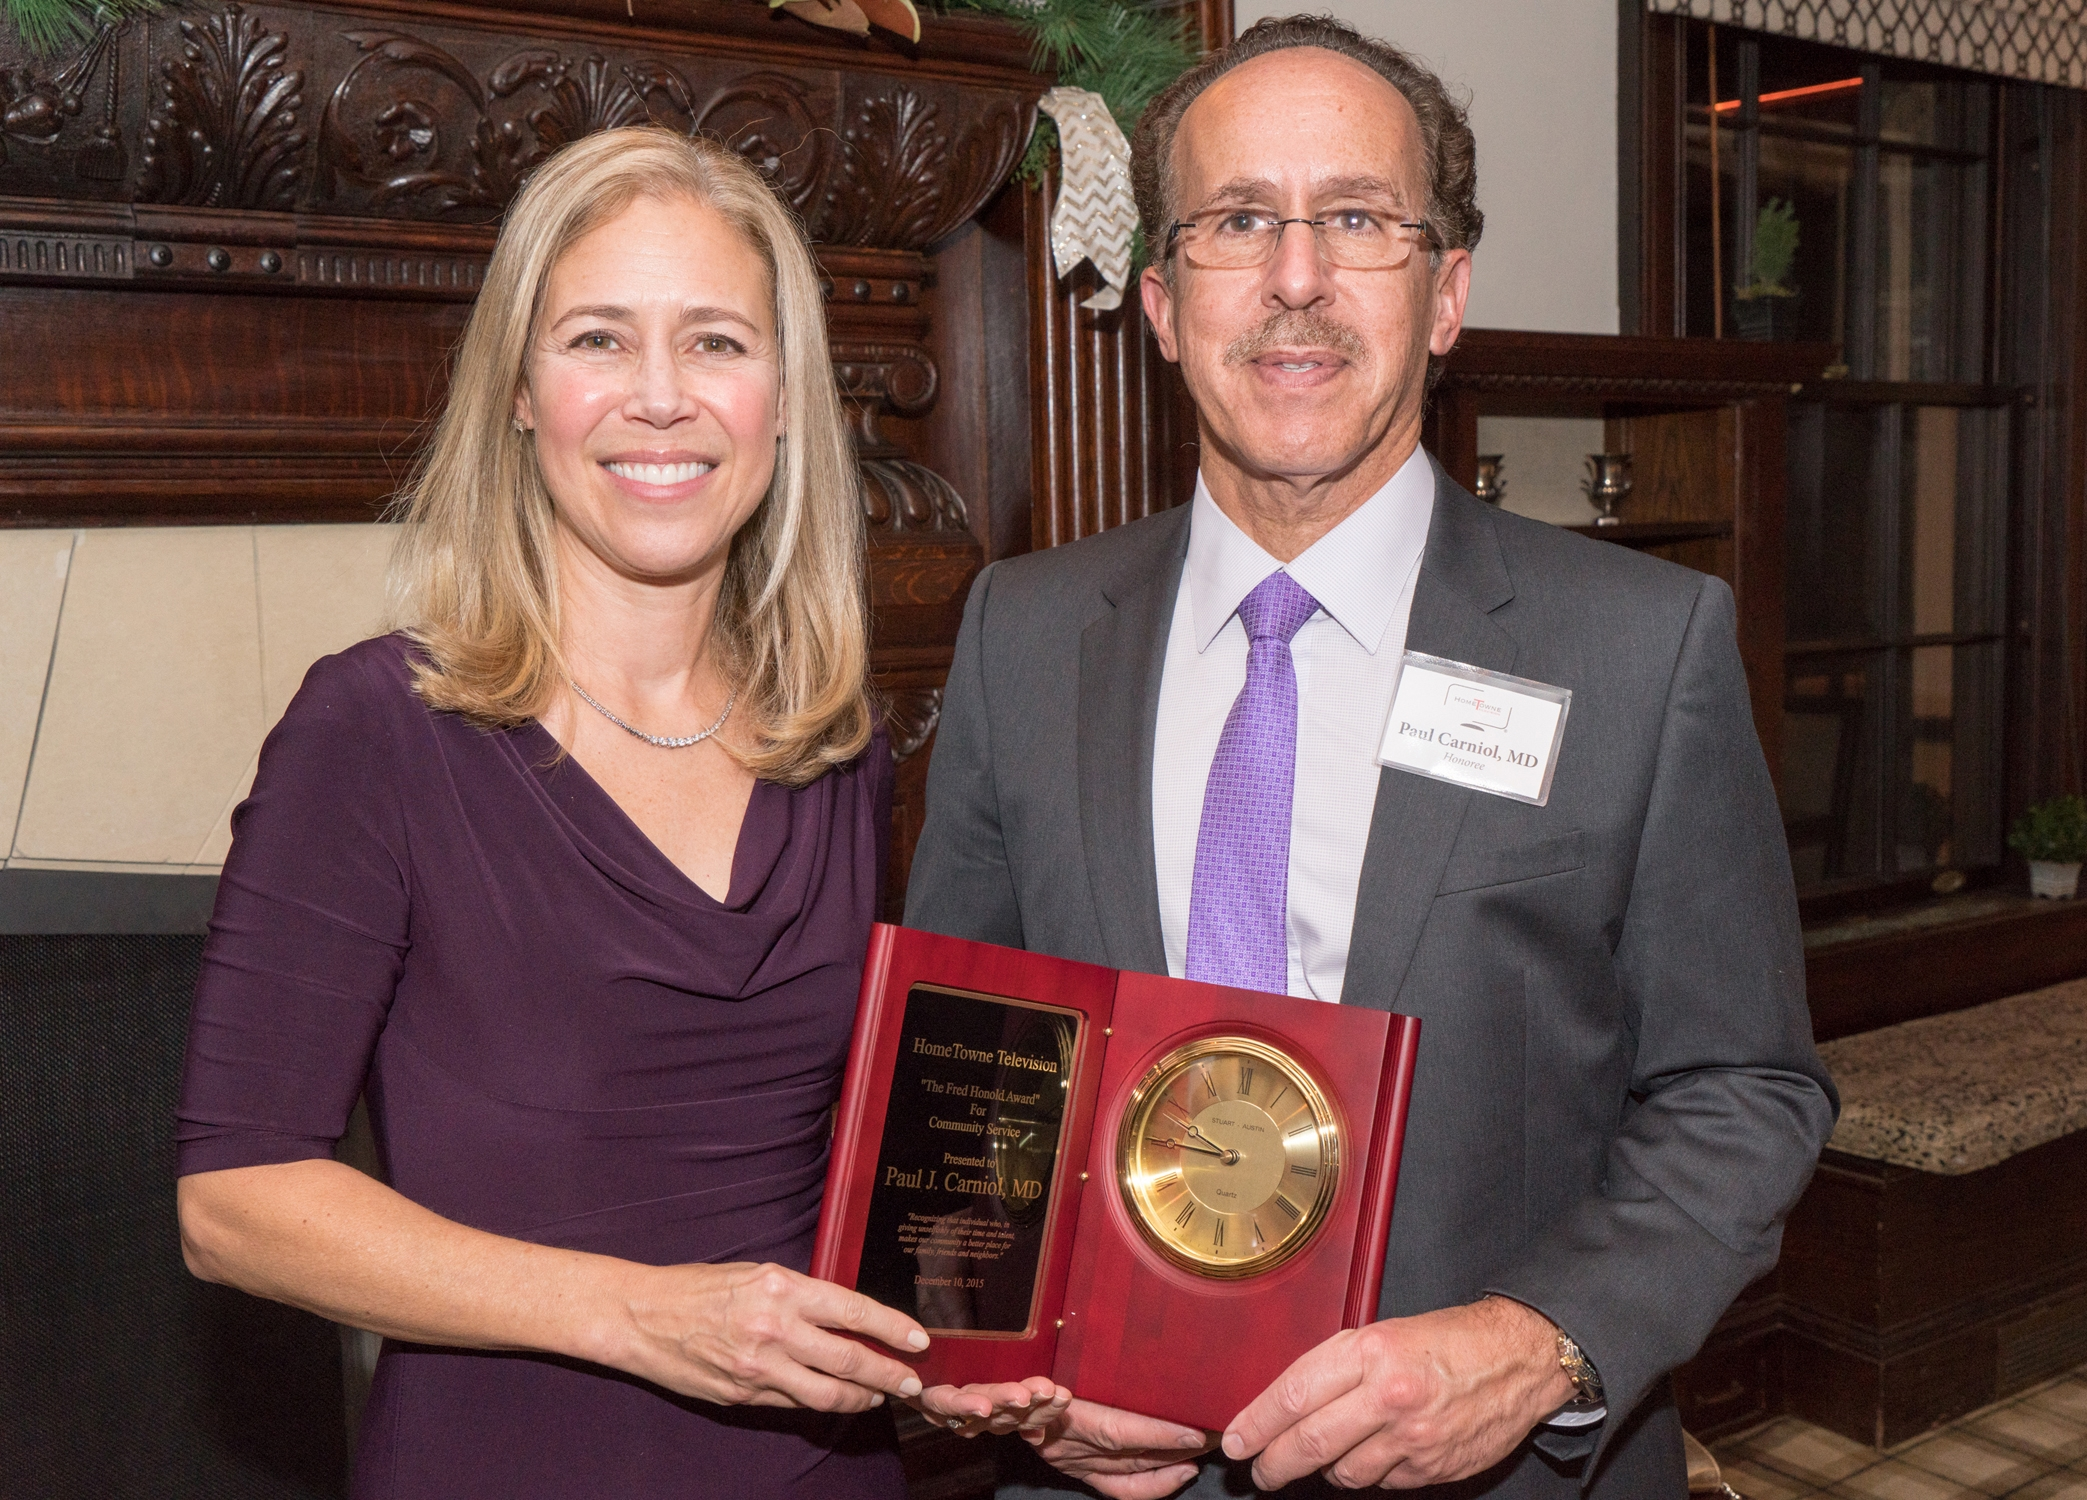 fc12c2b1d4e982a31027_Honold_Award-Beth_Brier_and_Dr_Carniol-5x7.jpg